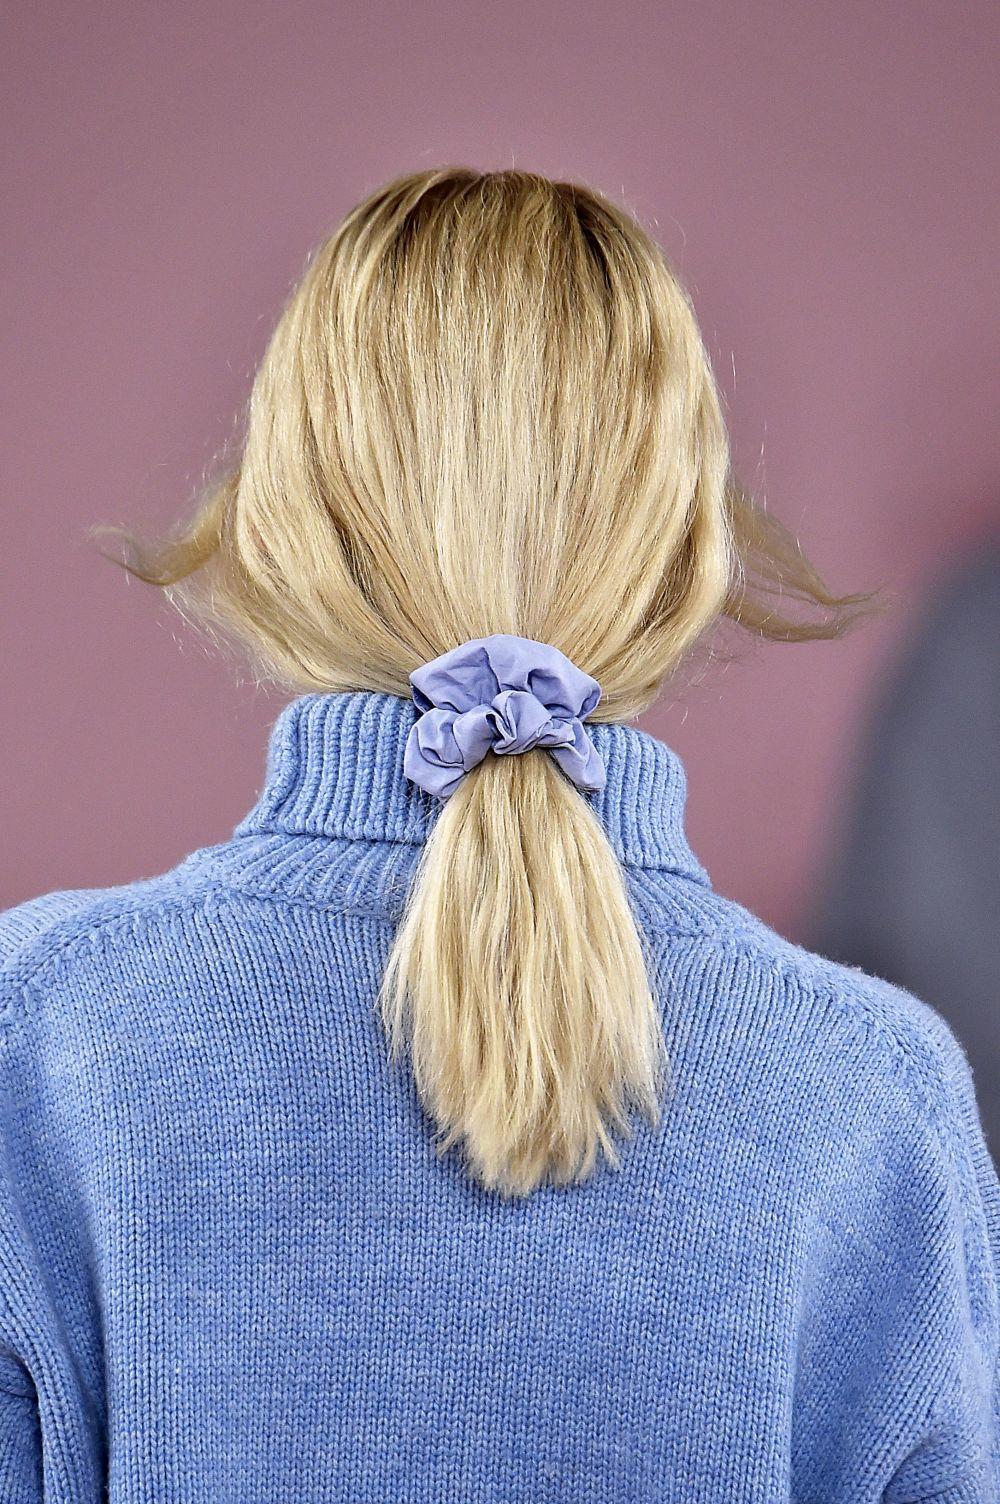 También puedes optar por dejar tu pelo con textura y recoger la coleta con un coletero vistoso o scrunchie a tono con tu outfit.